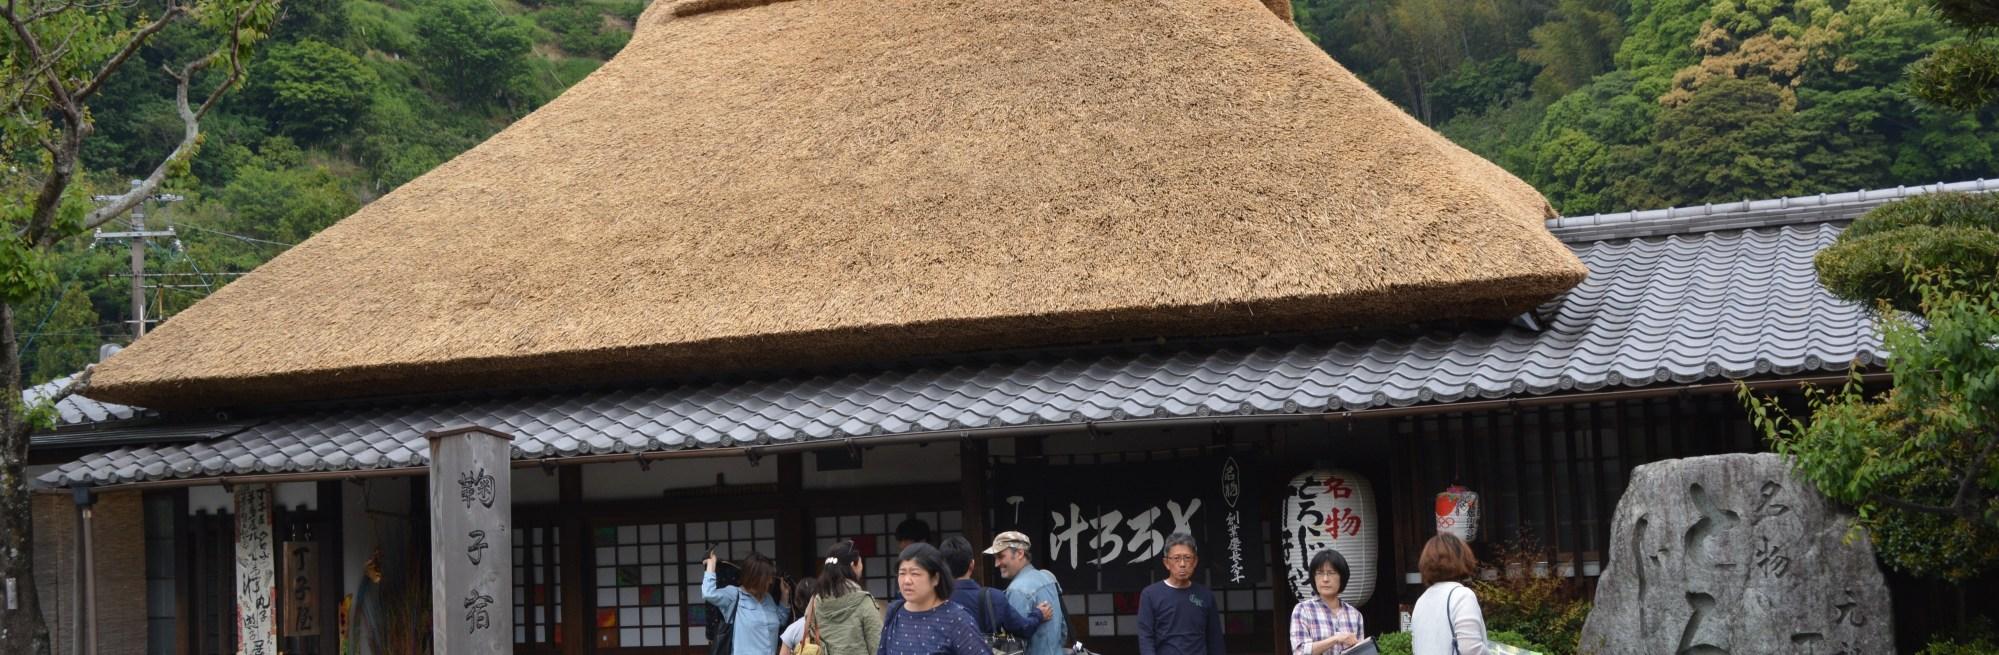 Chojiya teahouse, Mariko